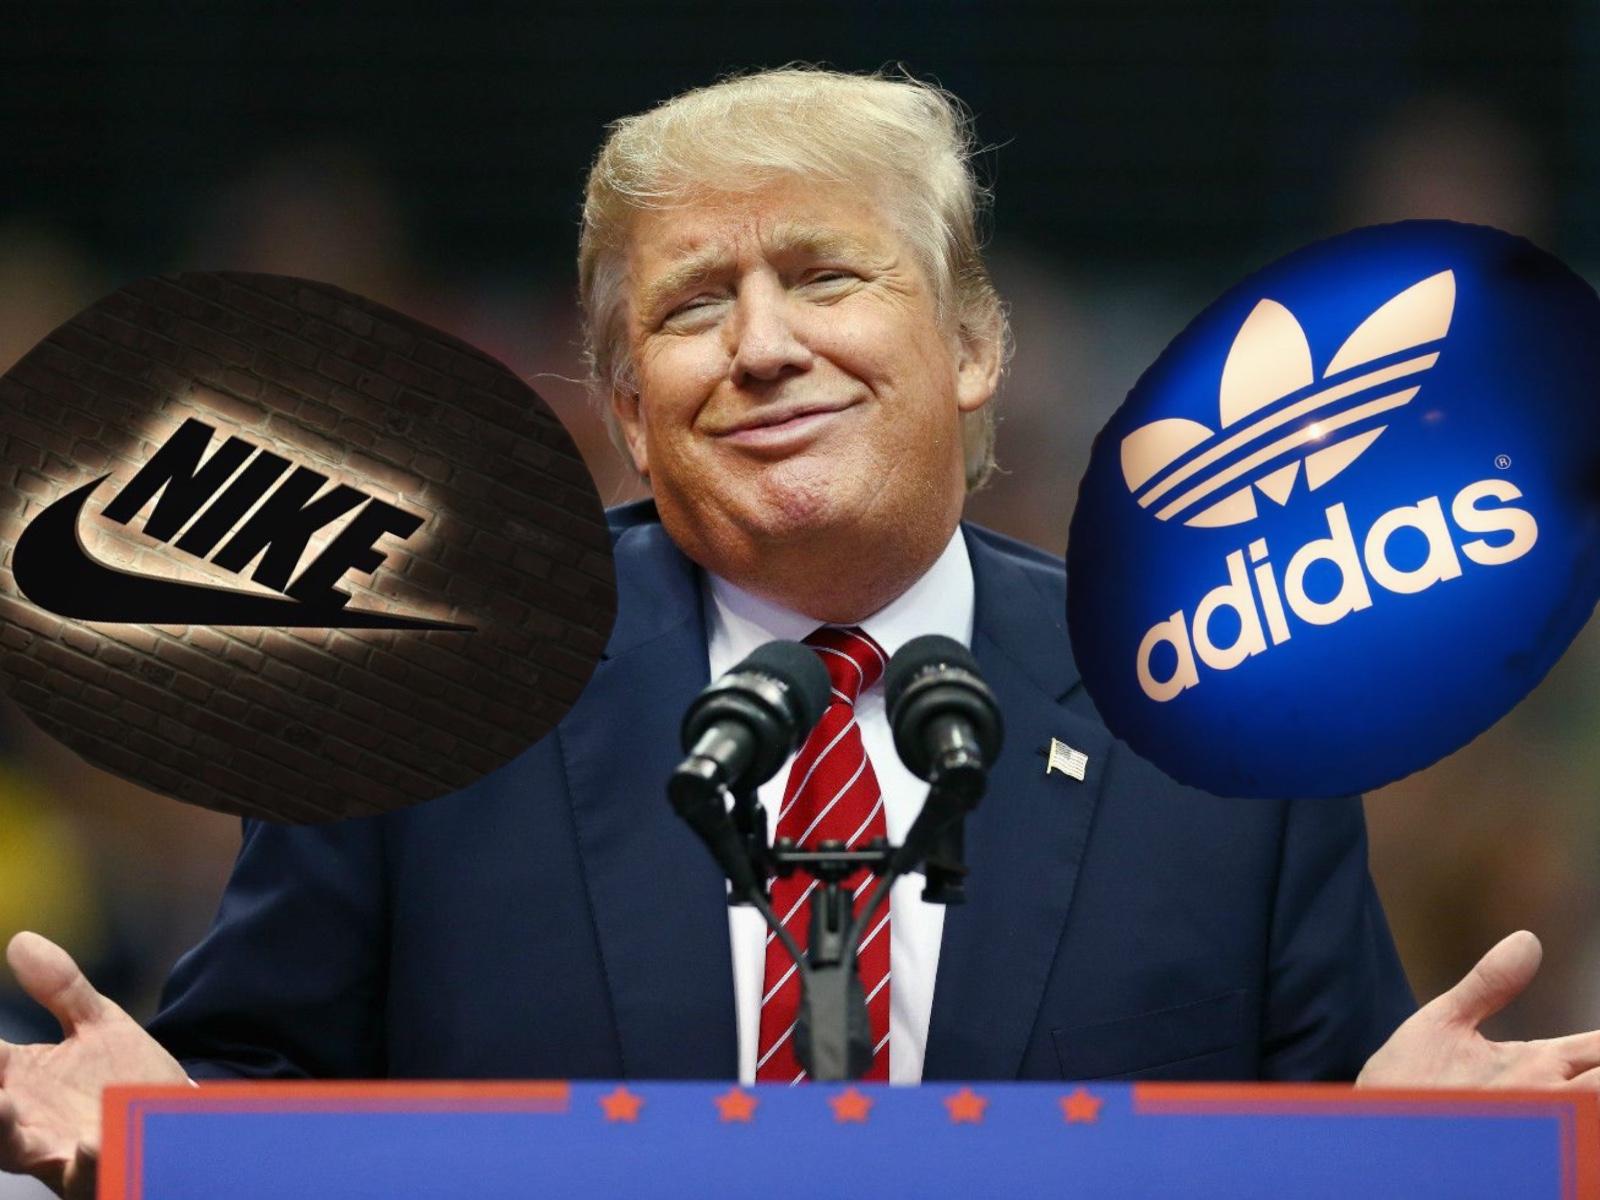 """耐克阿迪为何""""联名上书""""特朗普?483亿额外成本已在路上"""